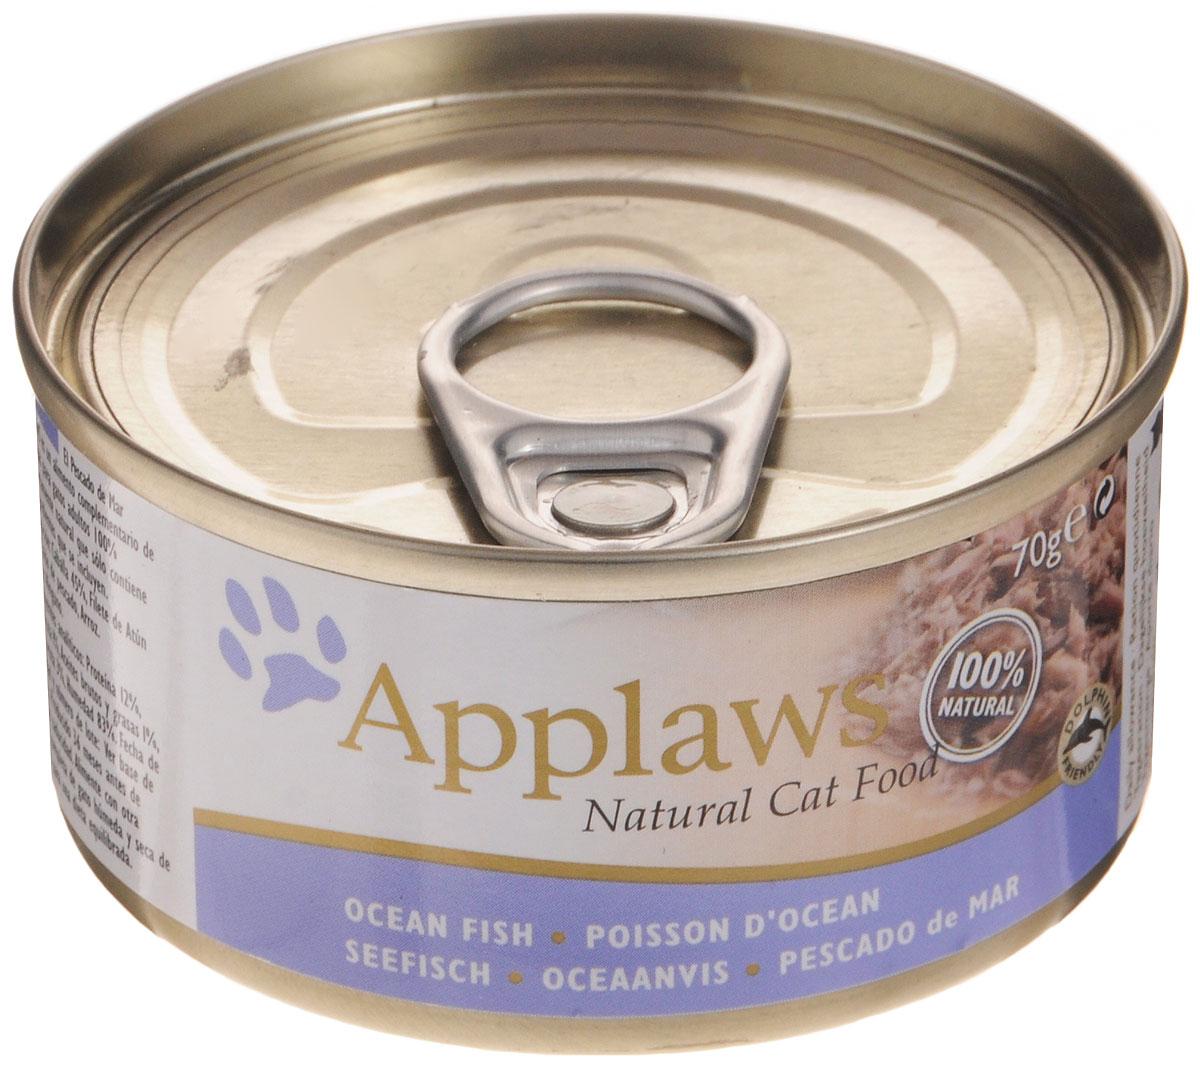 Консервы для кошек Applaws, с океанической рыбой, 70 г0120710Каждая баночка Applaws содержит порцию свежей рыбы, приготовленной в собственном бульоне. Вся продукция выпускается согласно строгому регламенту качества, каждая партия продукции проходит обязательную проверку и анализы.В состав каждого рецепта входит только три или четыре основных ингредиента и ничего более. Не содержит ГМО, синтетических консервантов или красителей. Не содержит вкусовых добавок. Состав: Филе макрели 45%, филе тунца 24%, рыбный бульон 24%, рис 1%.Гарантированный анализ: белок 12%, клетчатка 1%, жиры 1%, зола 3%, влага 83%.Товар сертифицирован.